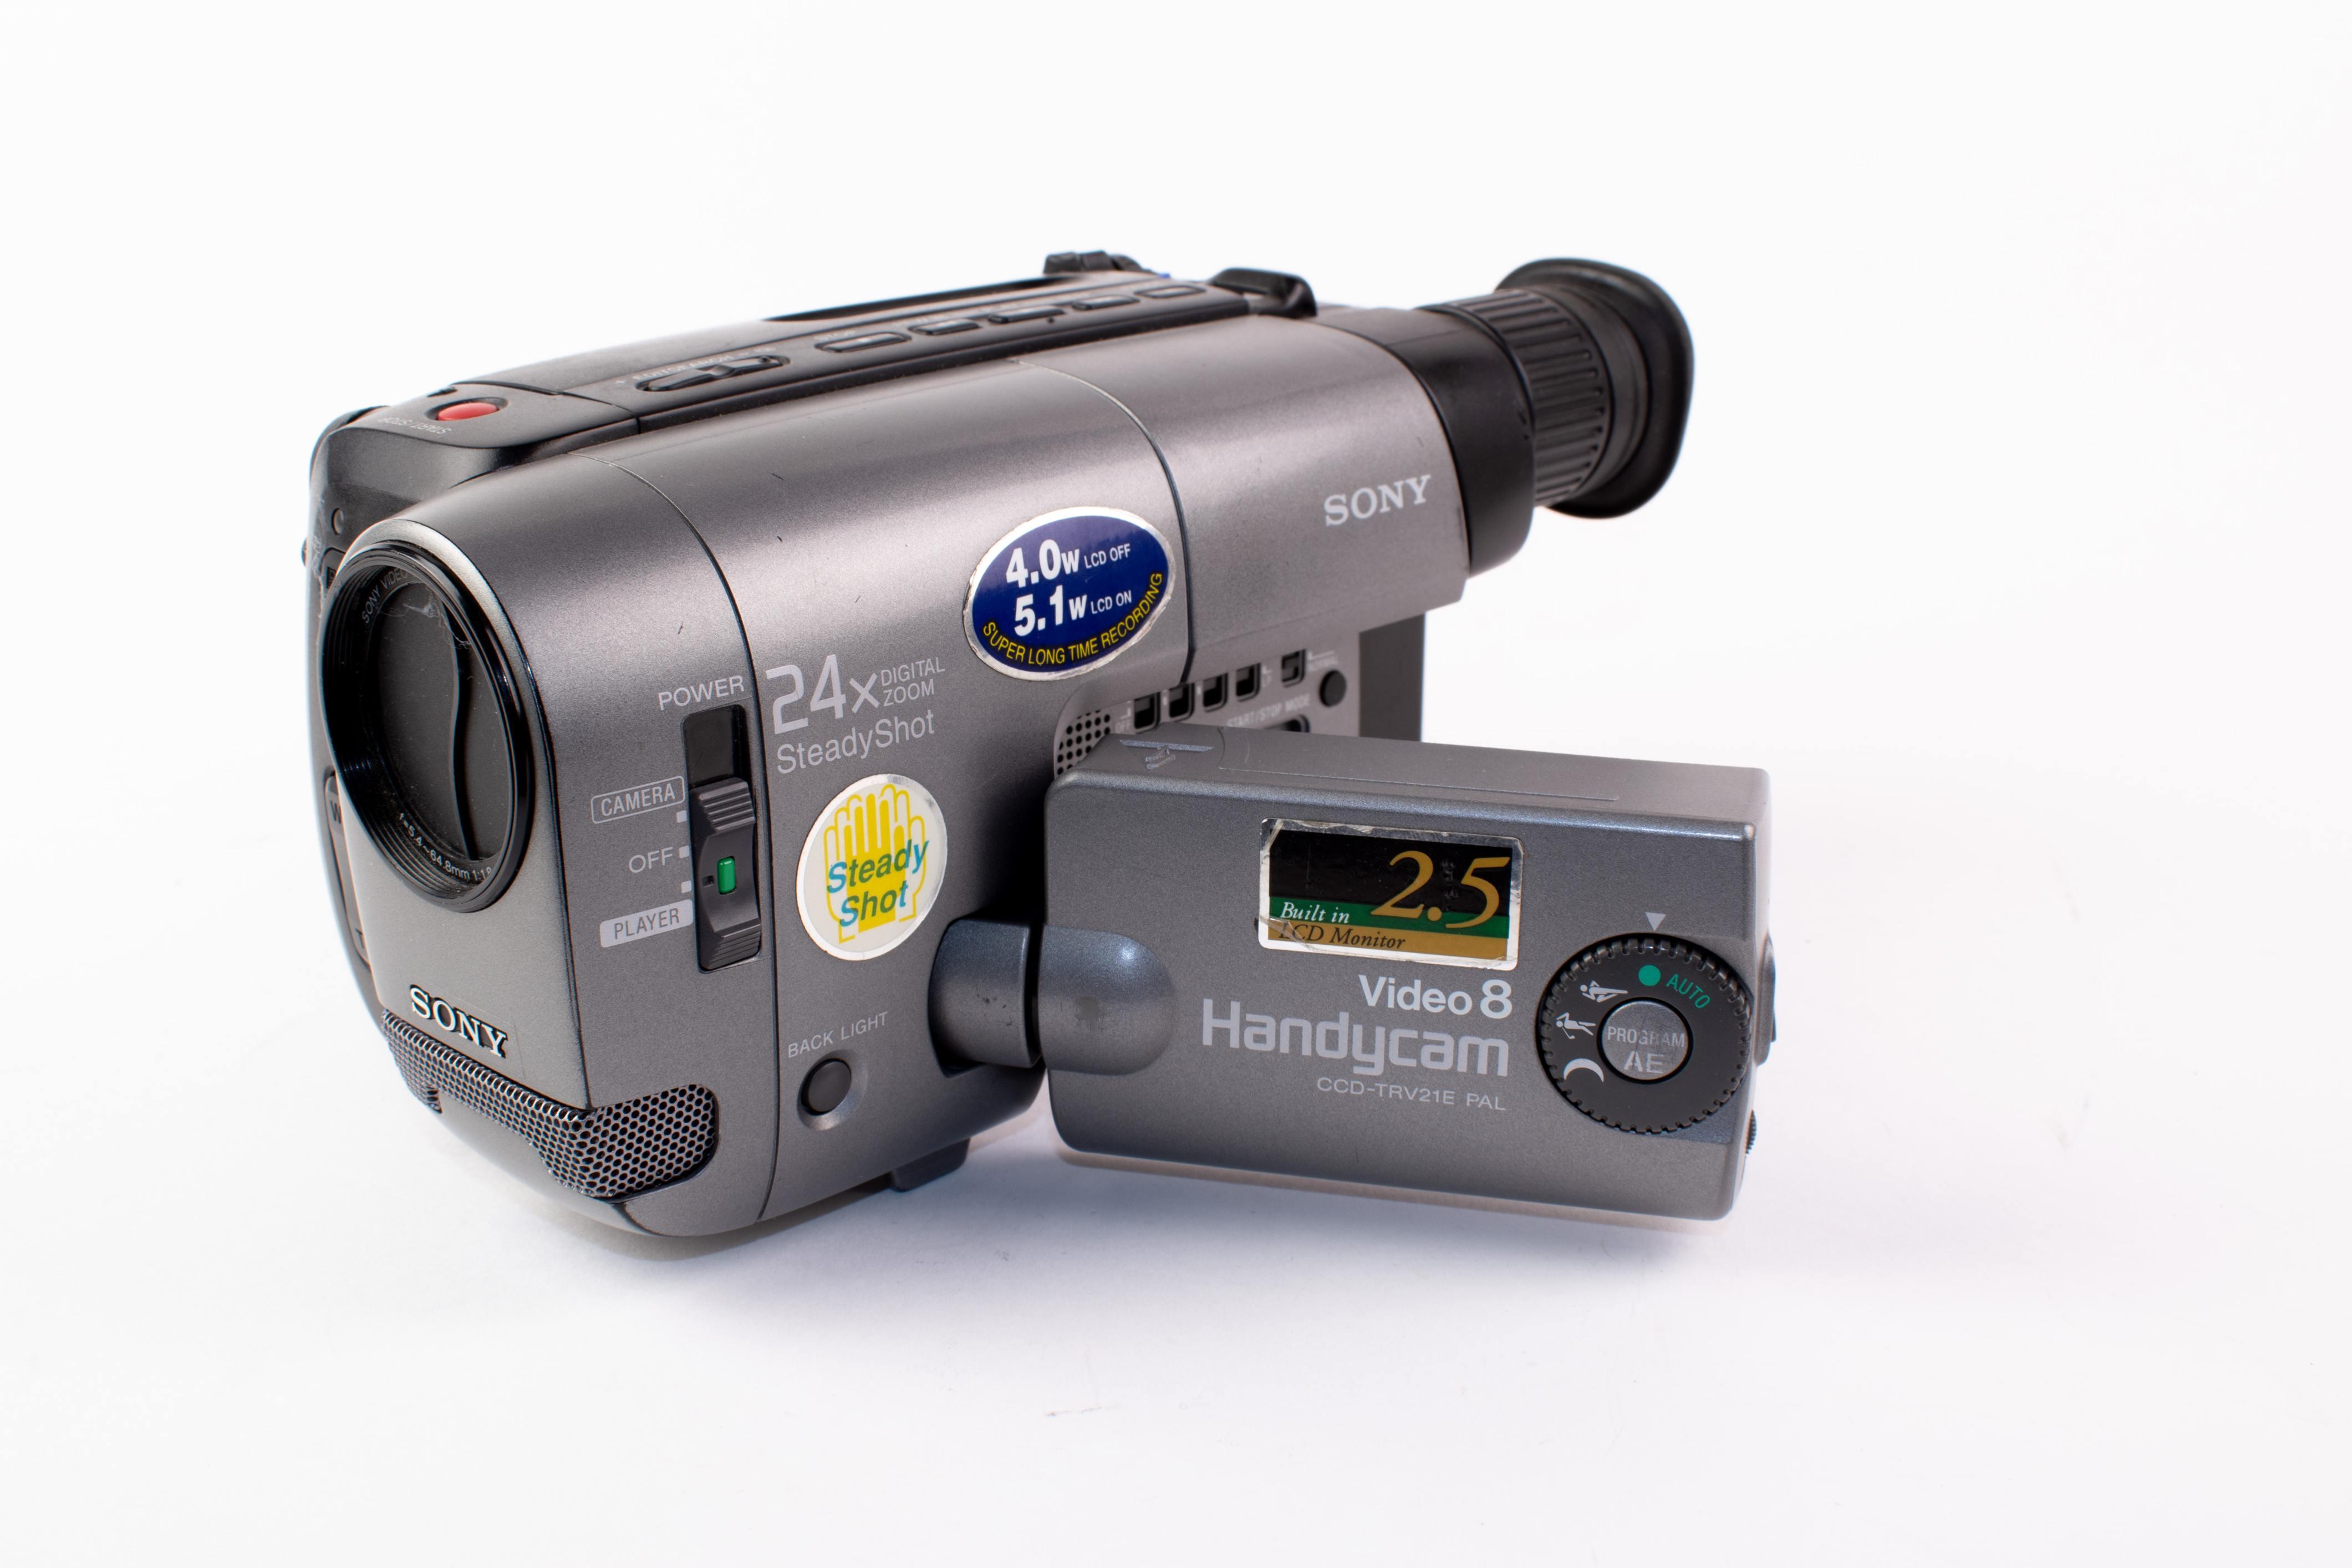 CCD-TRV21E